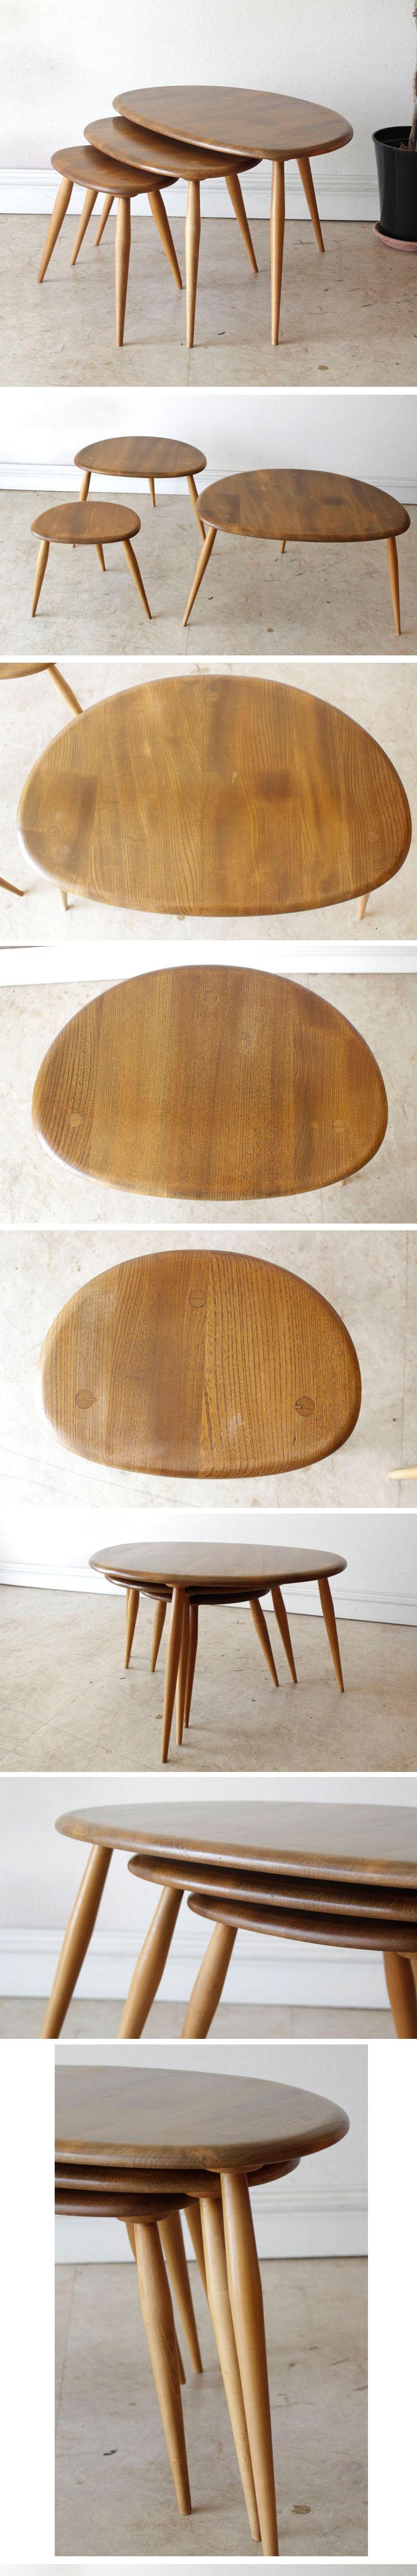 アーコール・ERCOL・コーヒーテーブル・ブラウン・ビンテージ・アンティーク・北欧・ネストテーブル